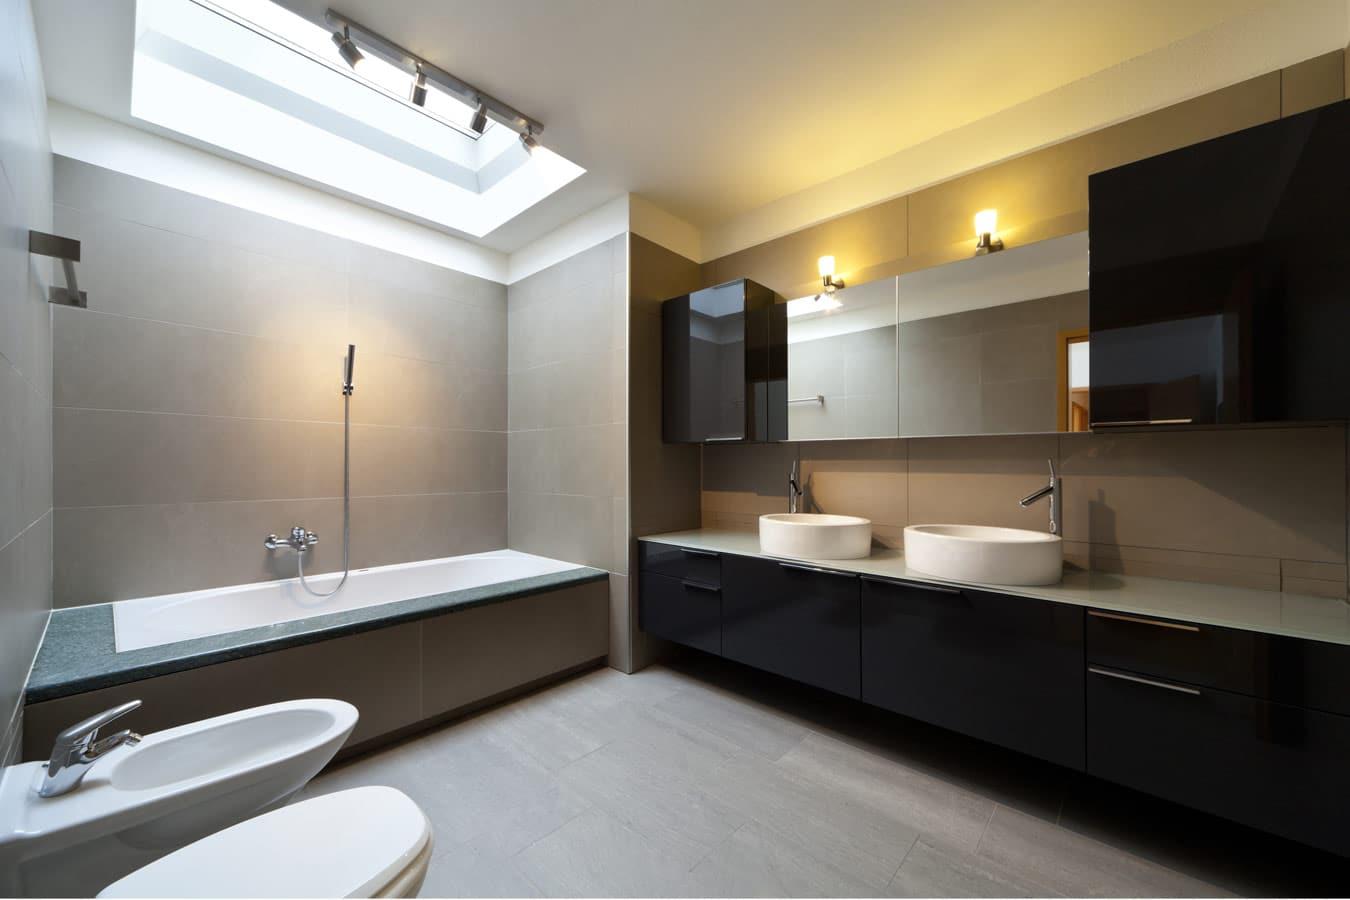 badkamermeubel kiezen